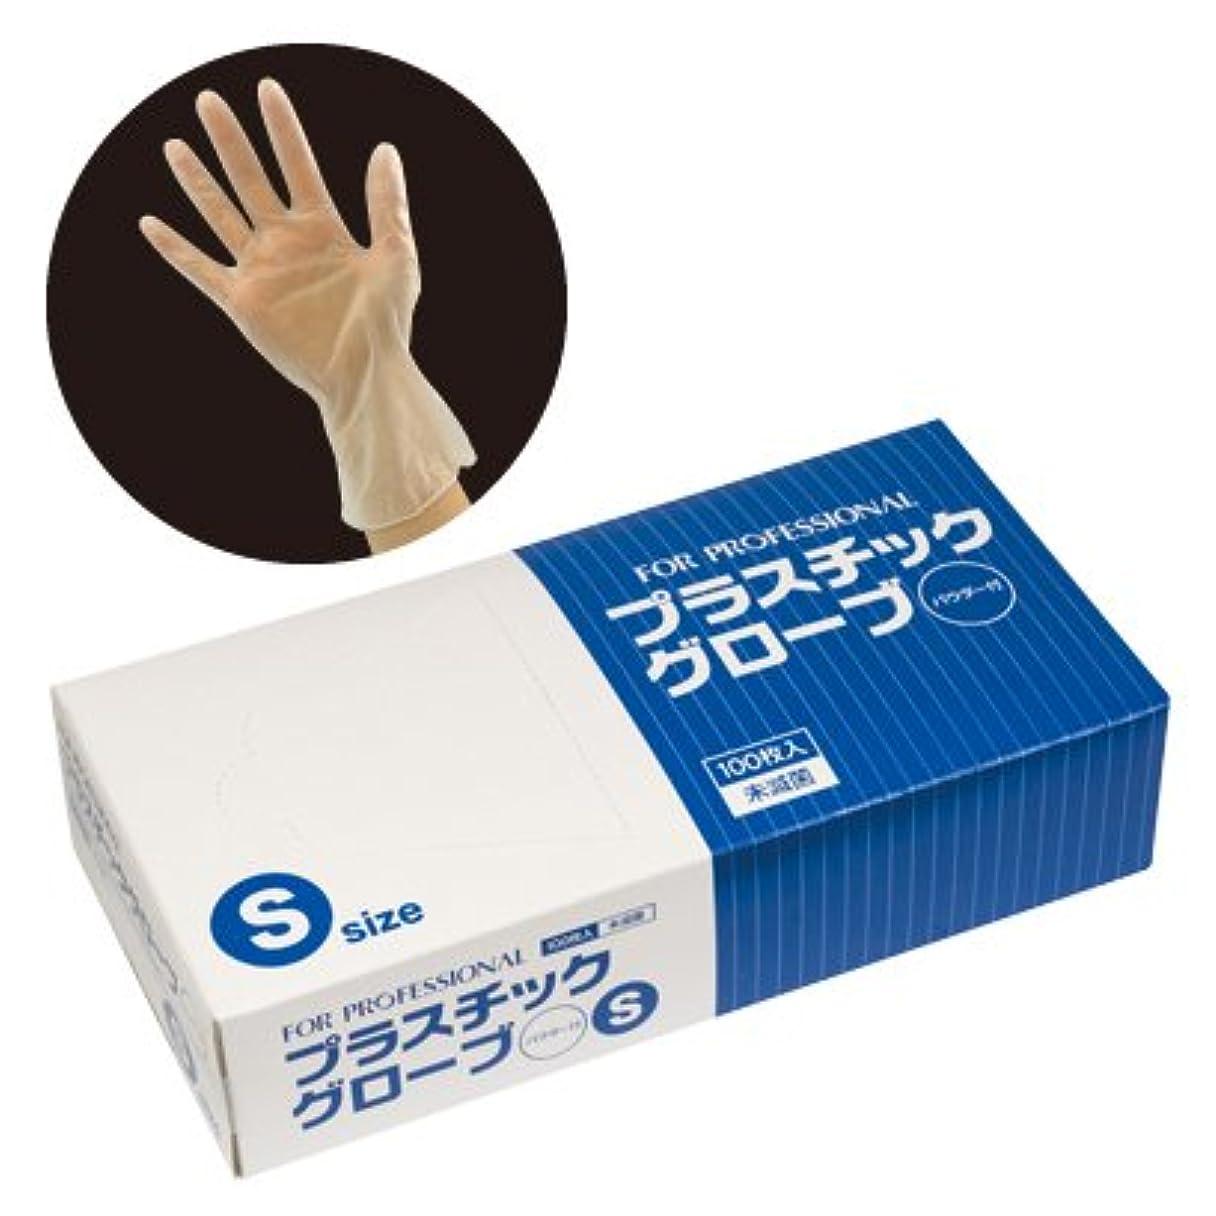 スクラブ愛人著者【業務用】 FEED(フィード) プラスチックグローブ(手袋) パウダー付/S カートン (作業用) 100枚入×10ケース (329.4円/1個あたり)